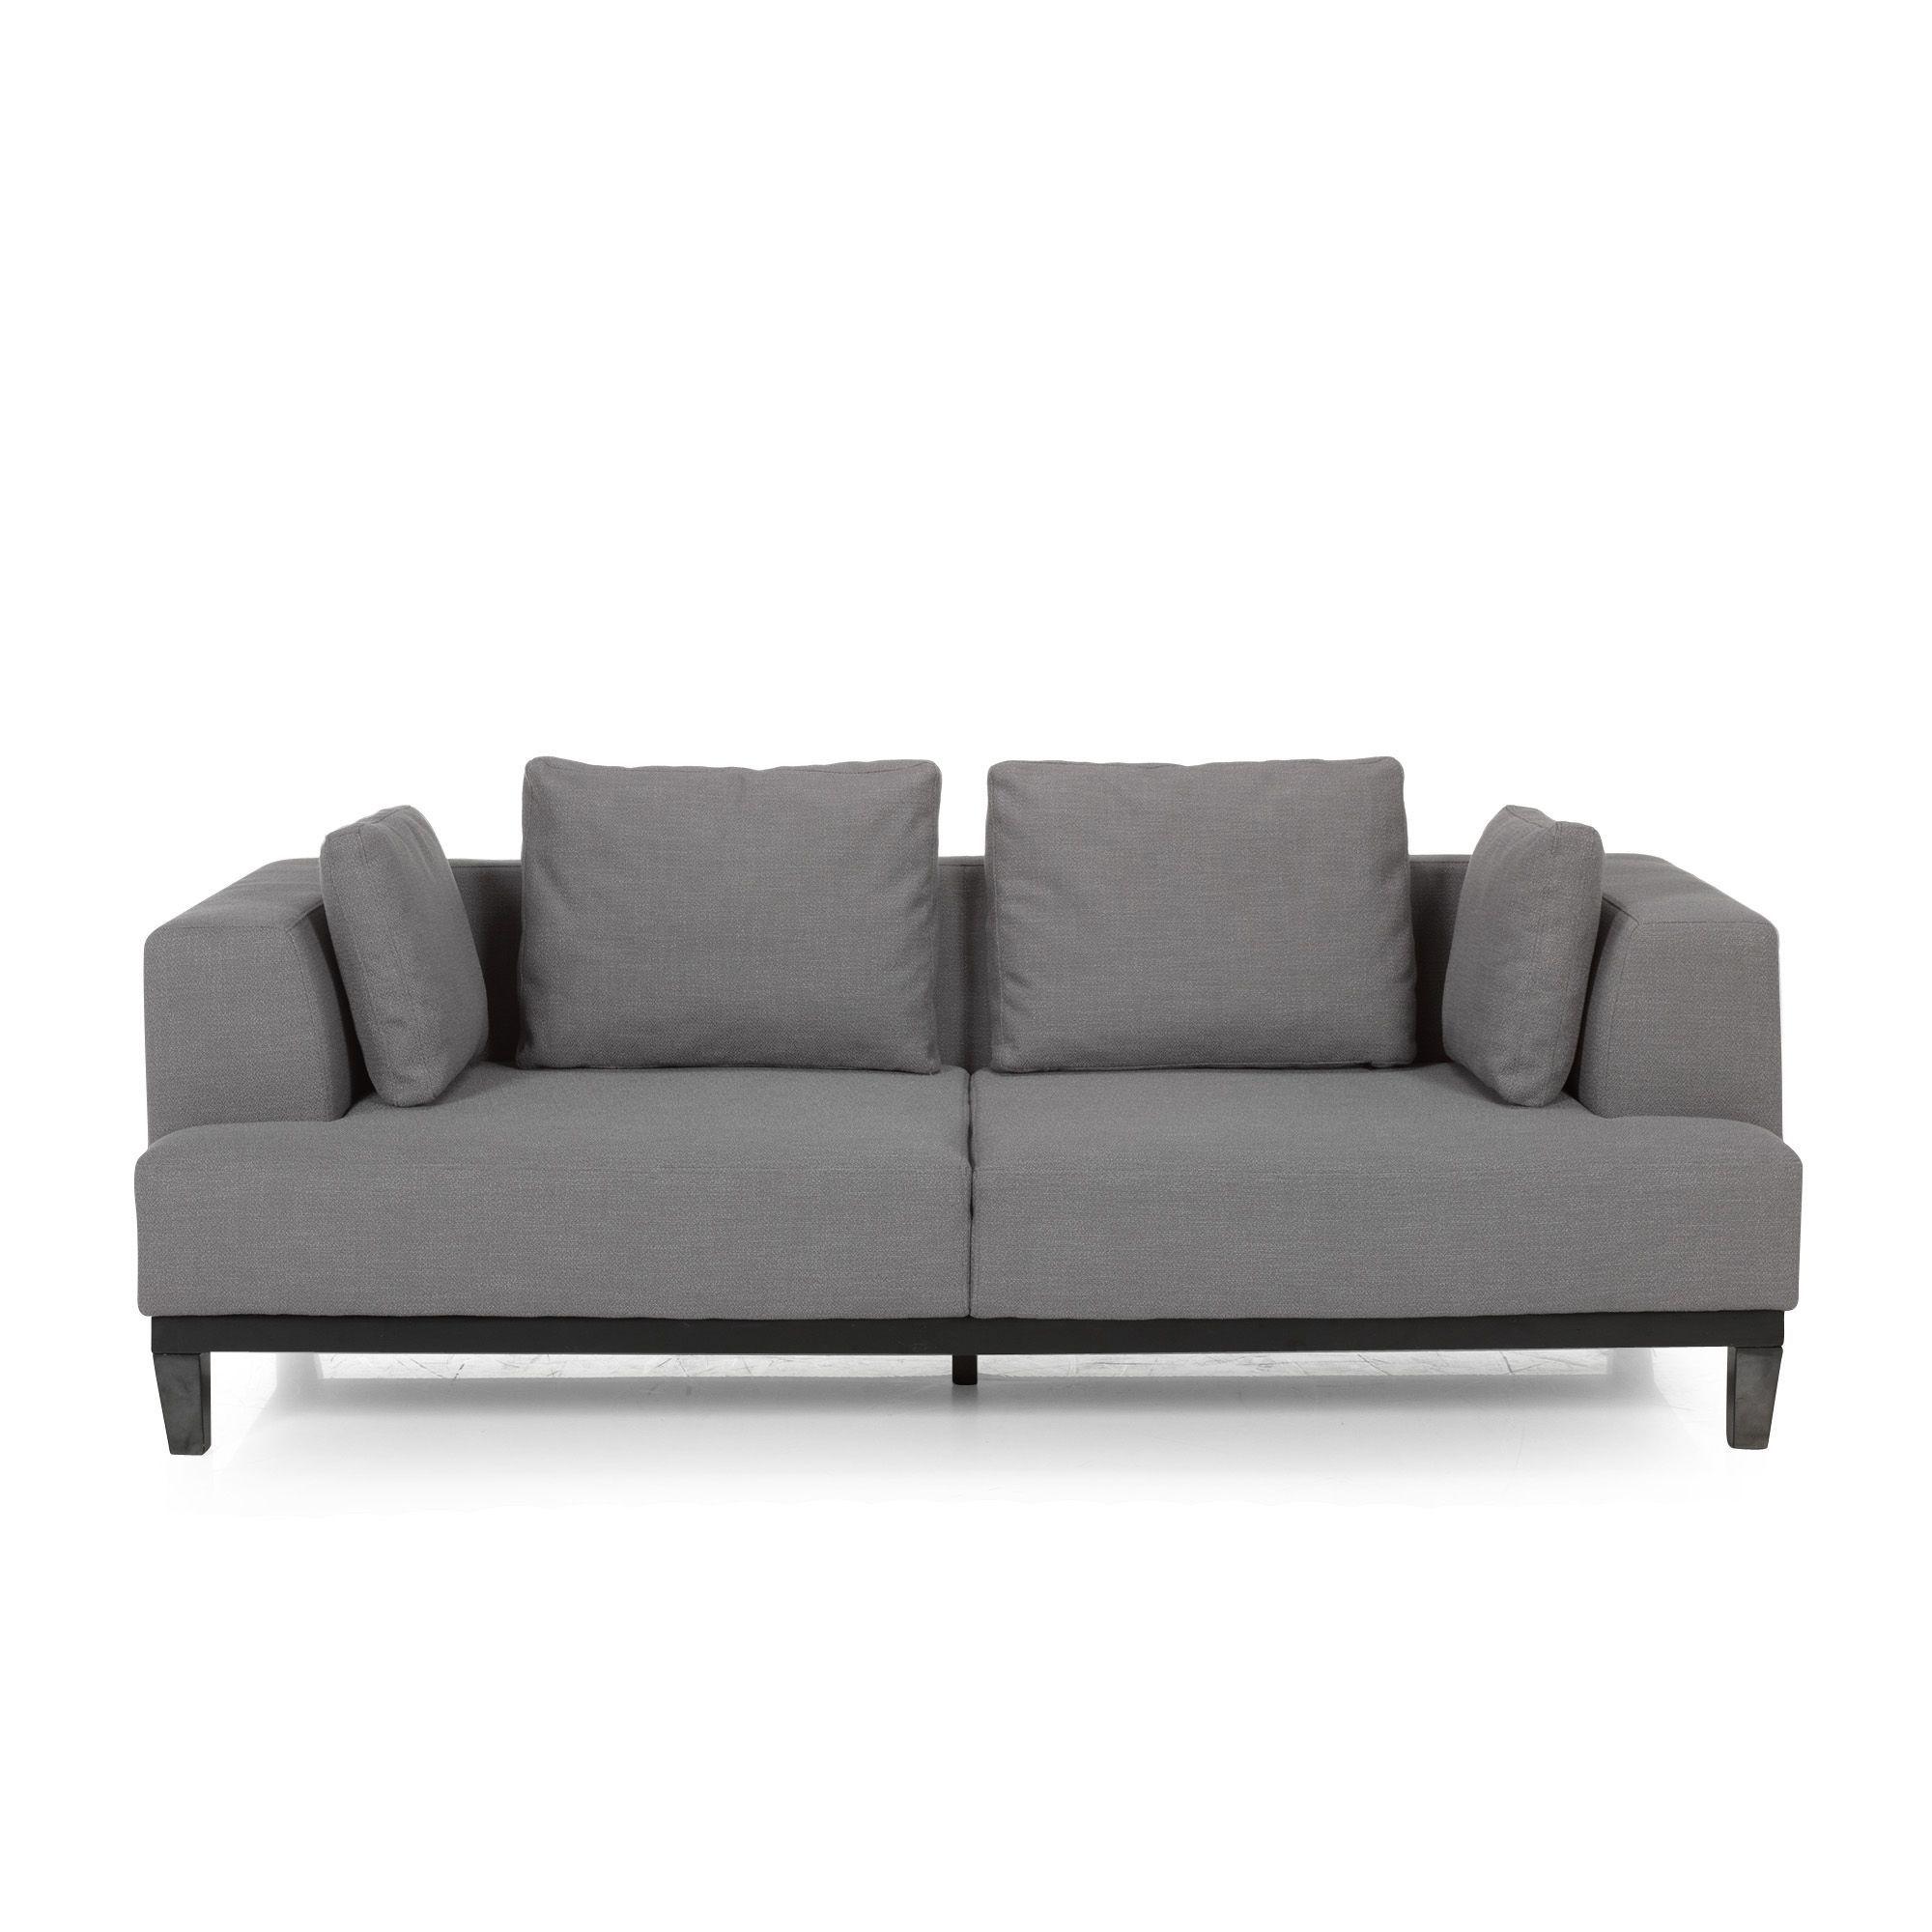 Canapé Places Fixe Avec Assise Et Coussin à Mémoire De Forme Gris - Canapé 3 places pour deco interieur sejour